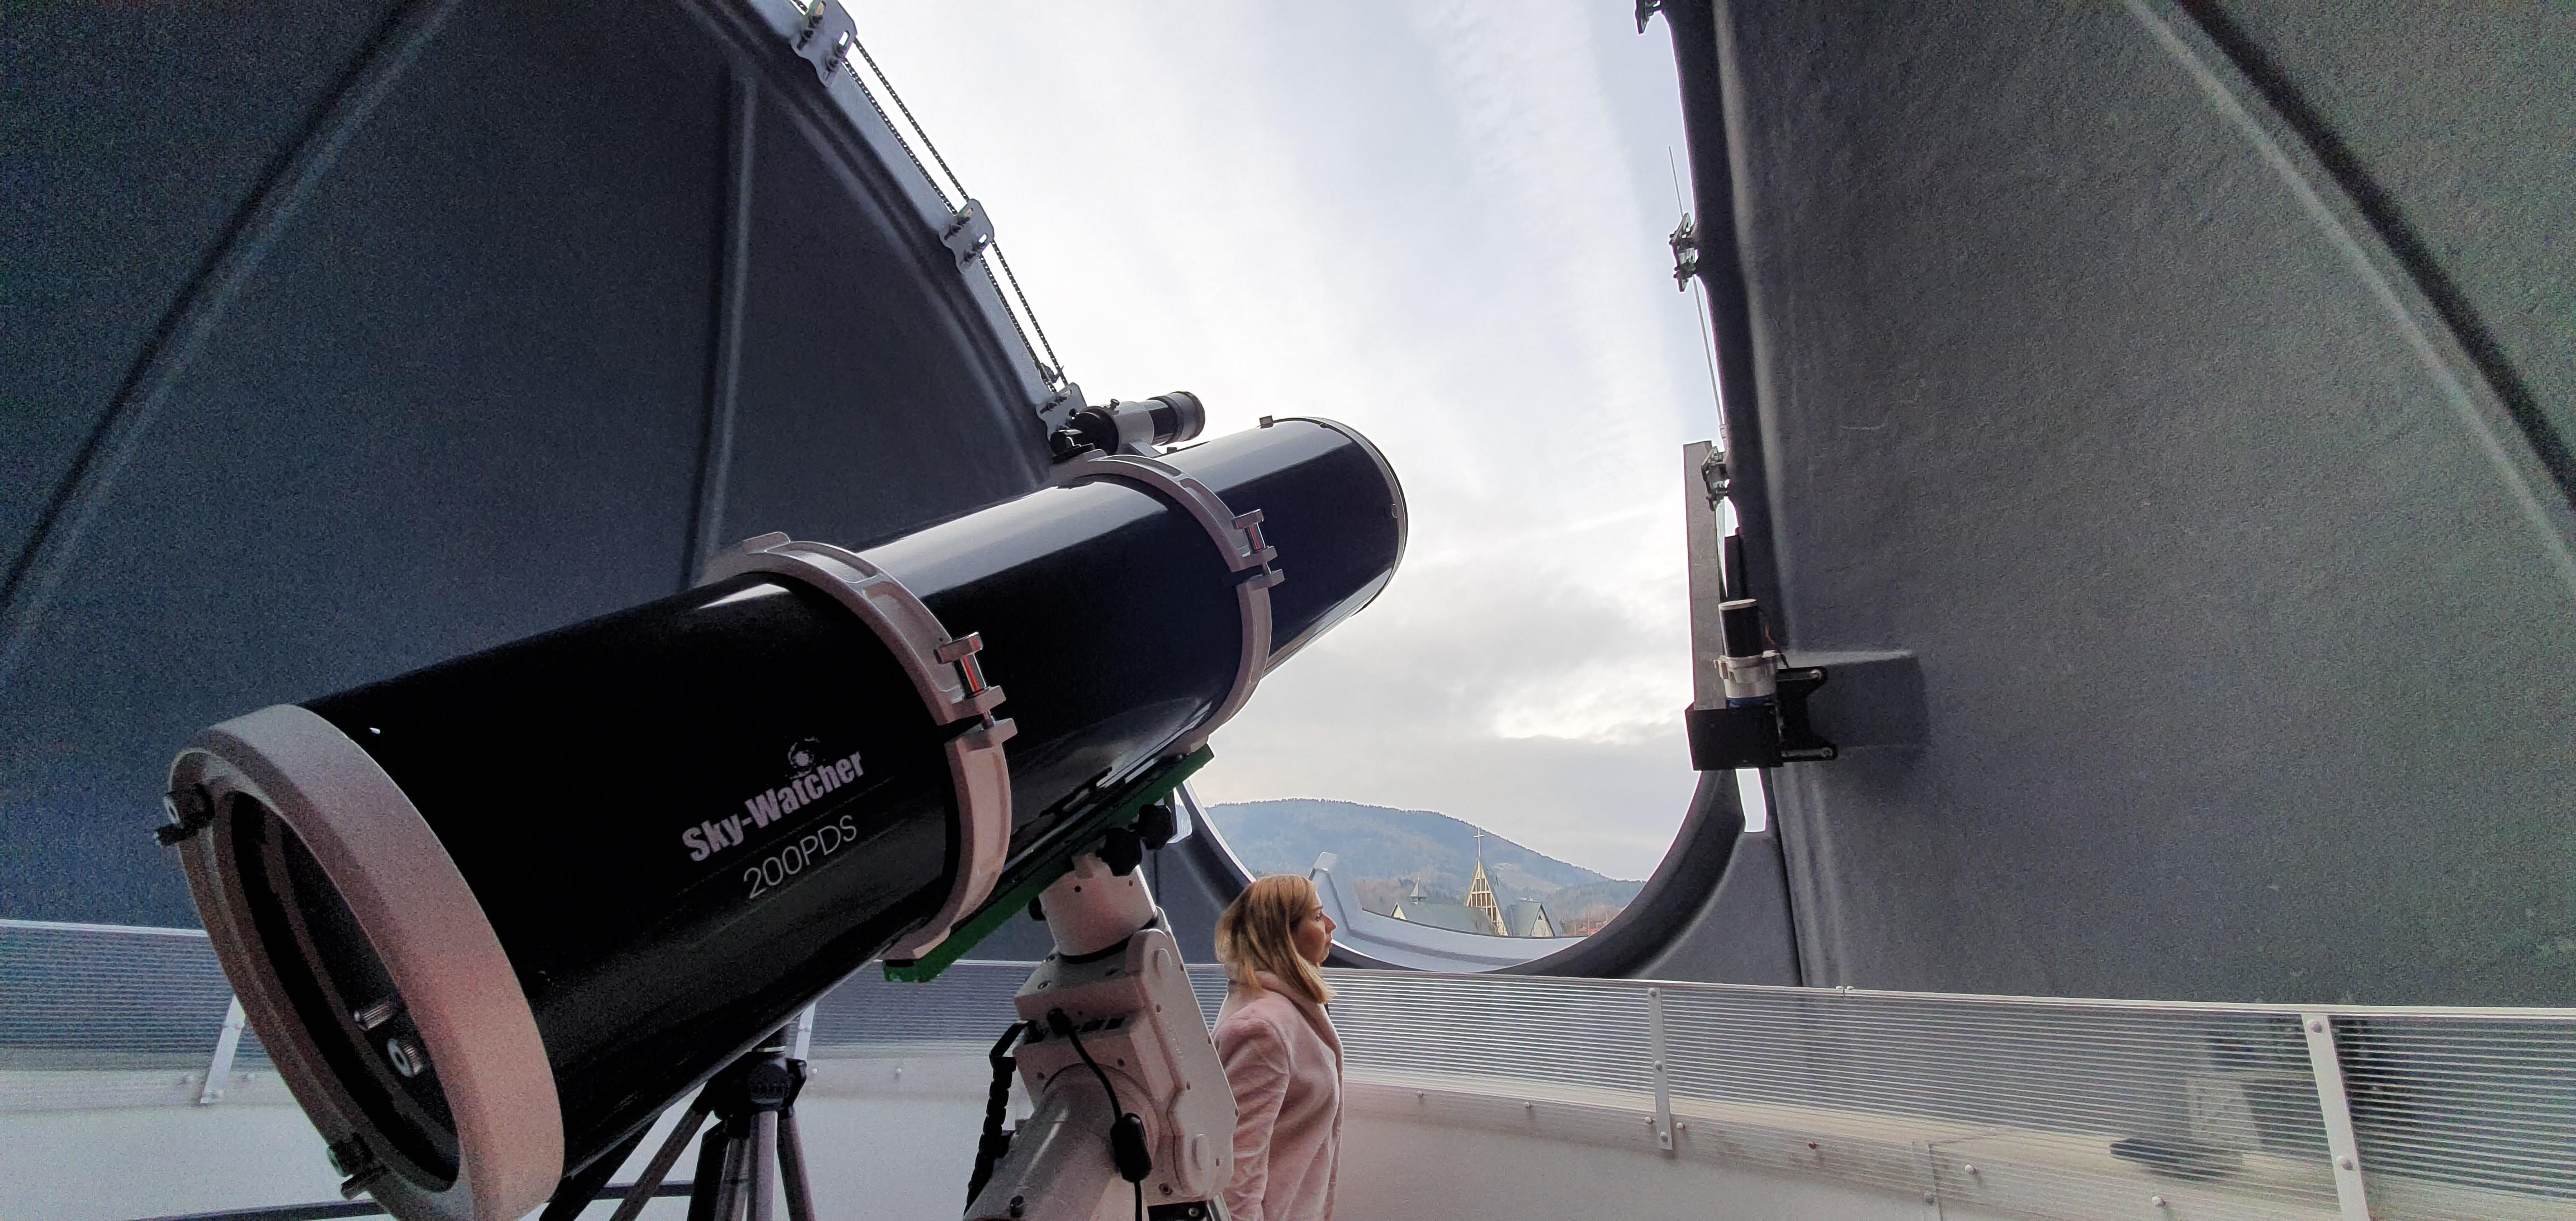 Z cyklu niezwykłe inwestycje: obserwatorium astronomiczne na dachu szkoły [VIDEO]